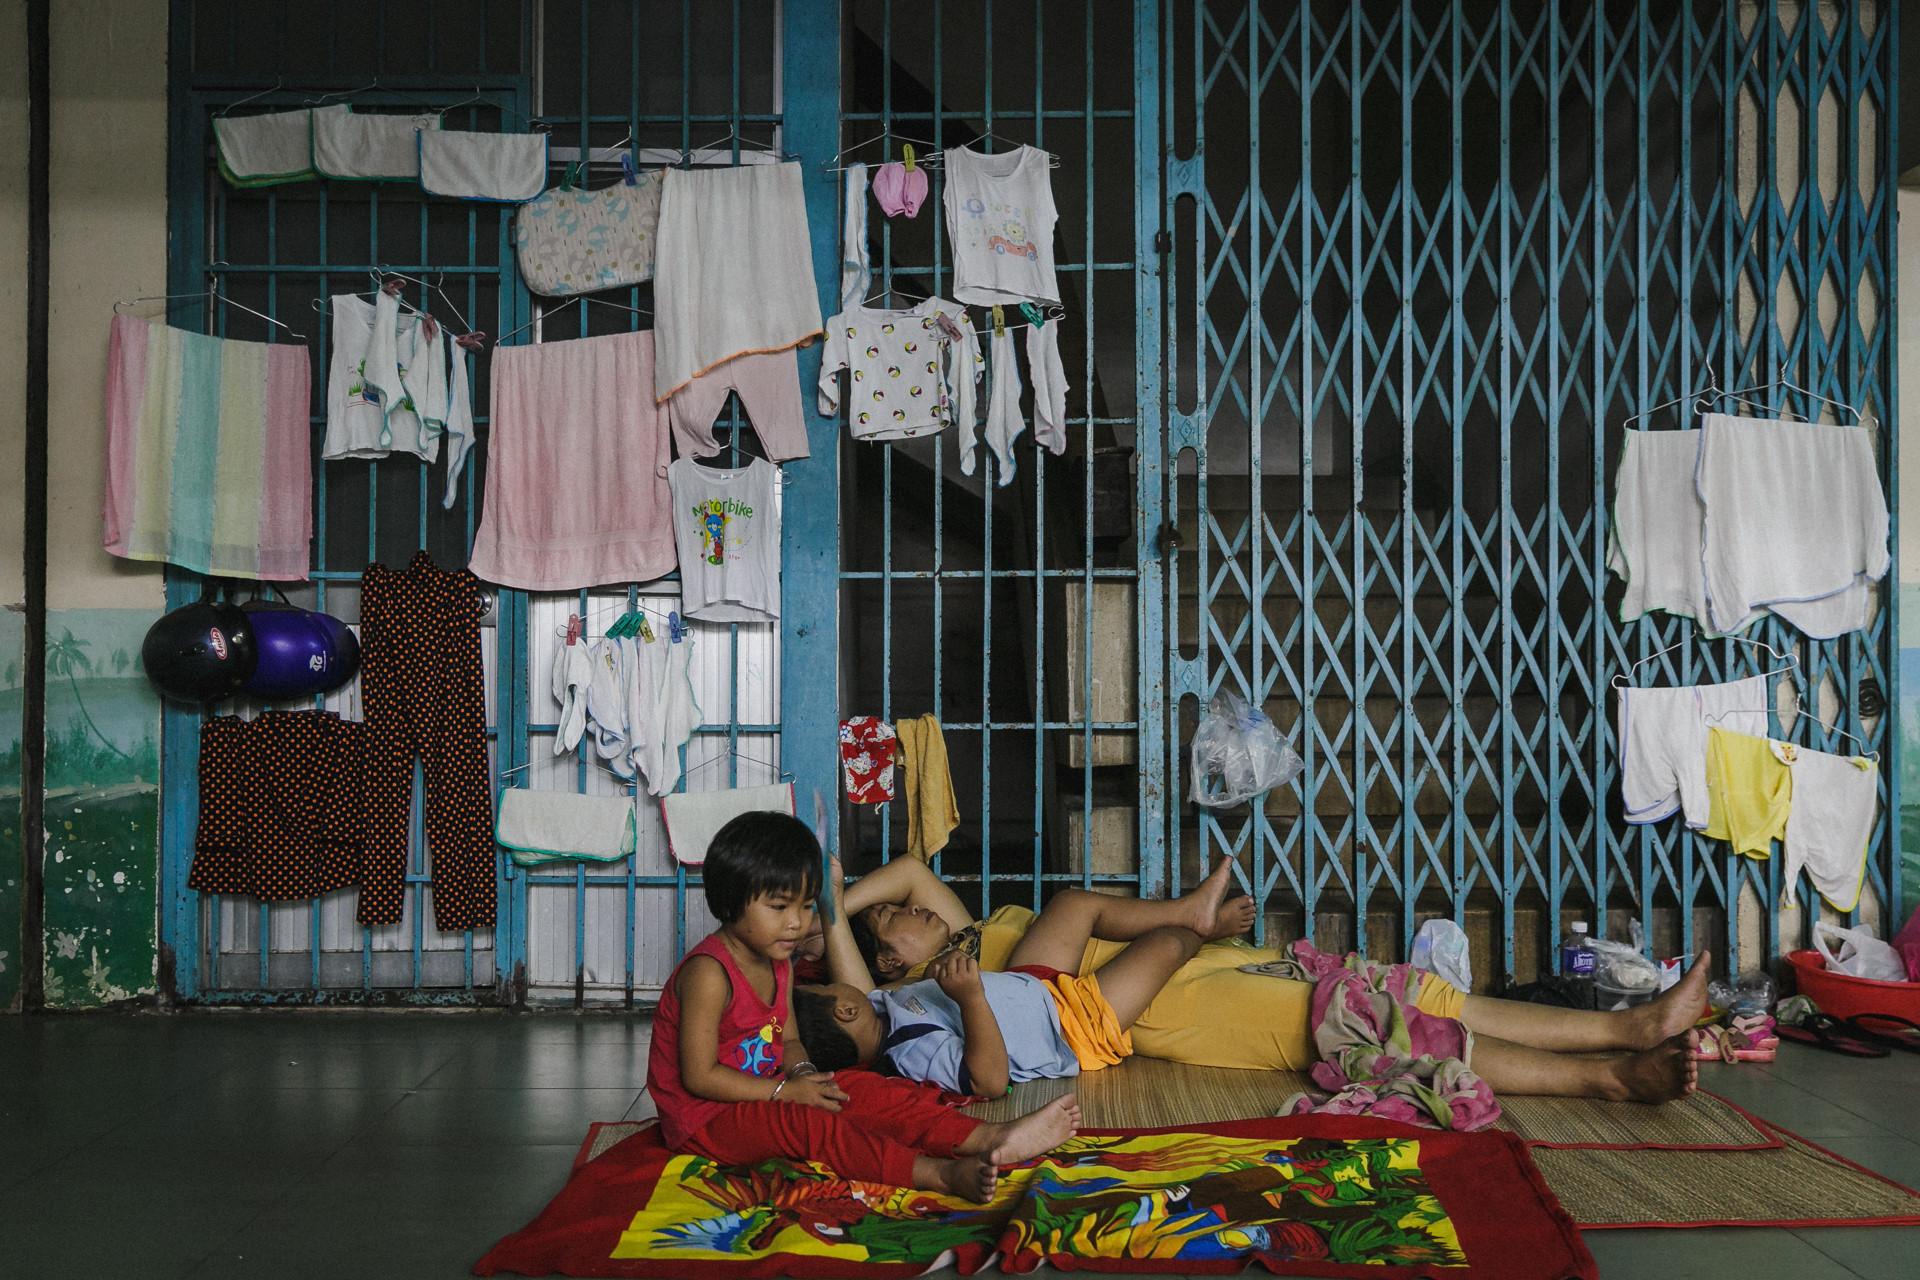 Bệnh viện Nhi ở Sài Gòn vỡ trận vì dịch chồng dịch-37